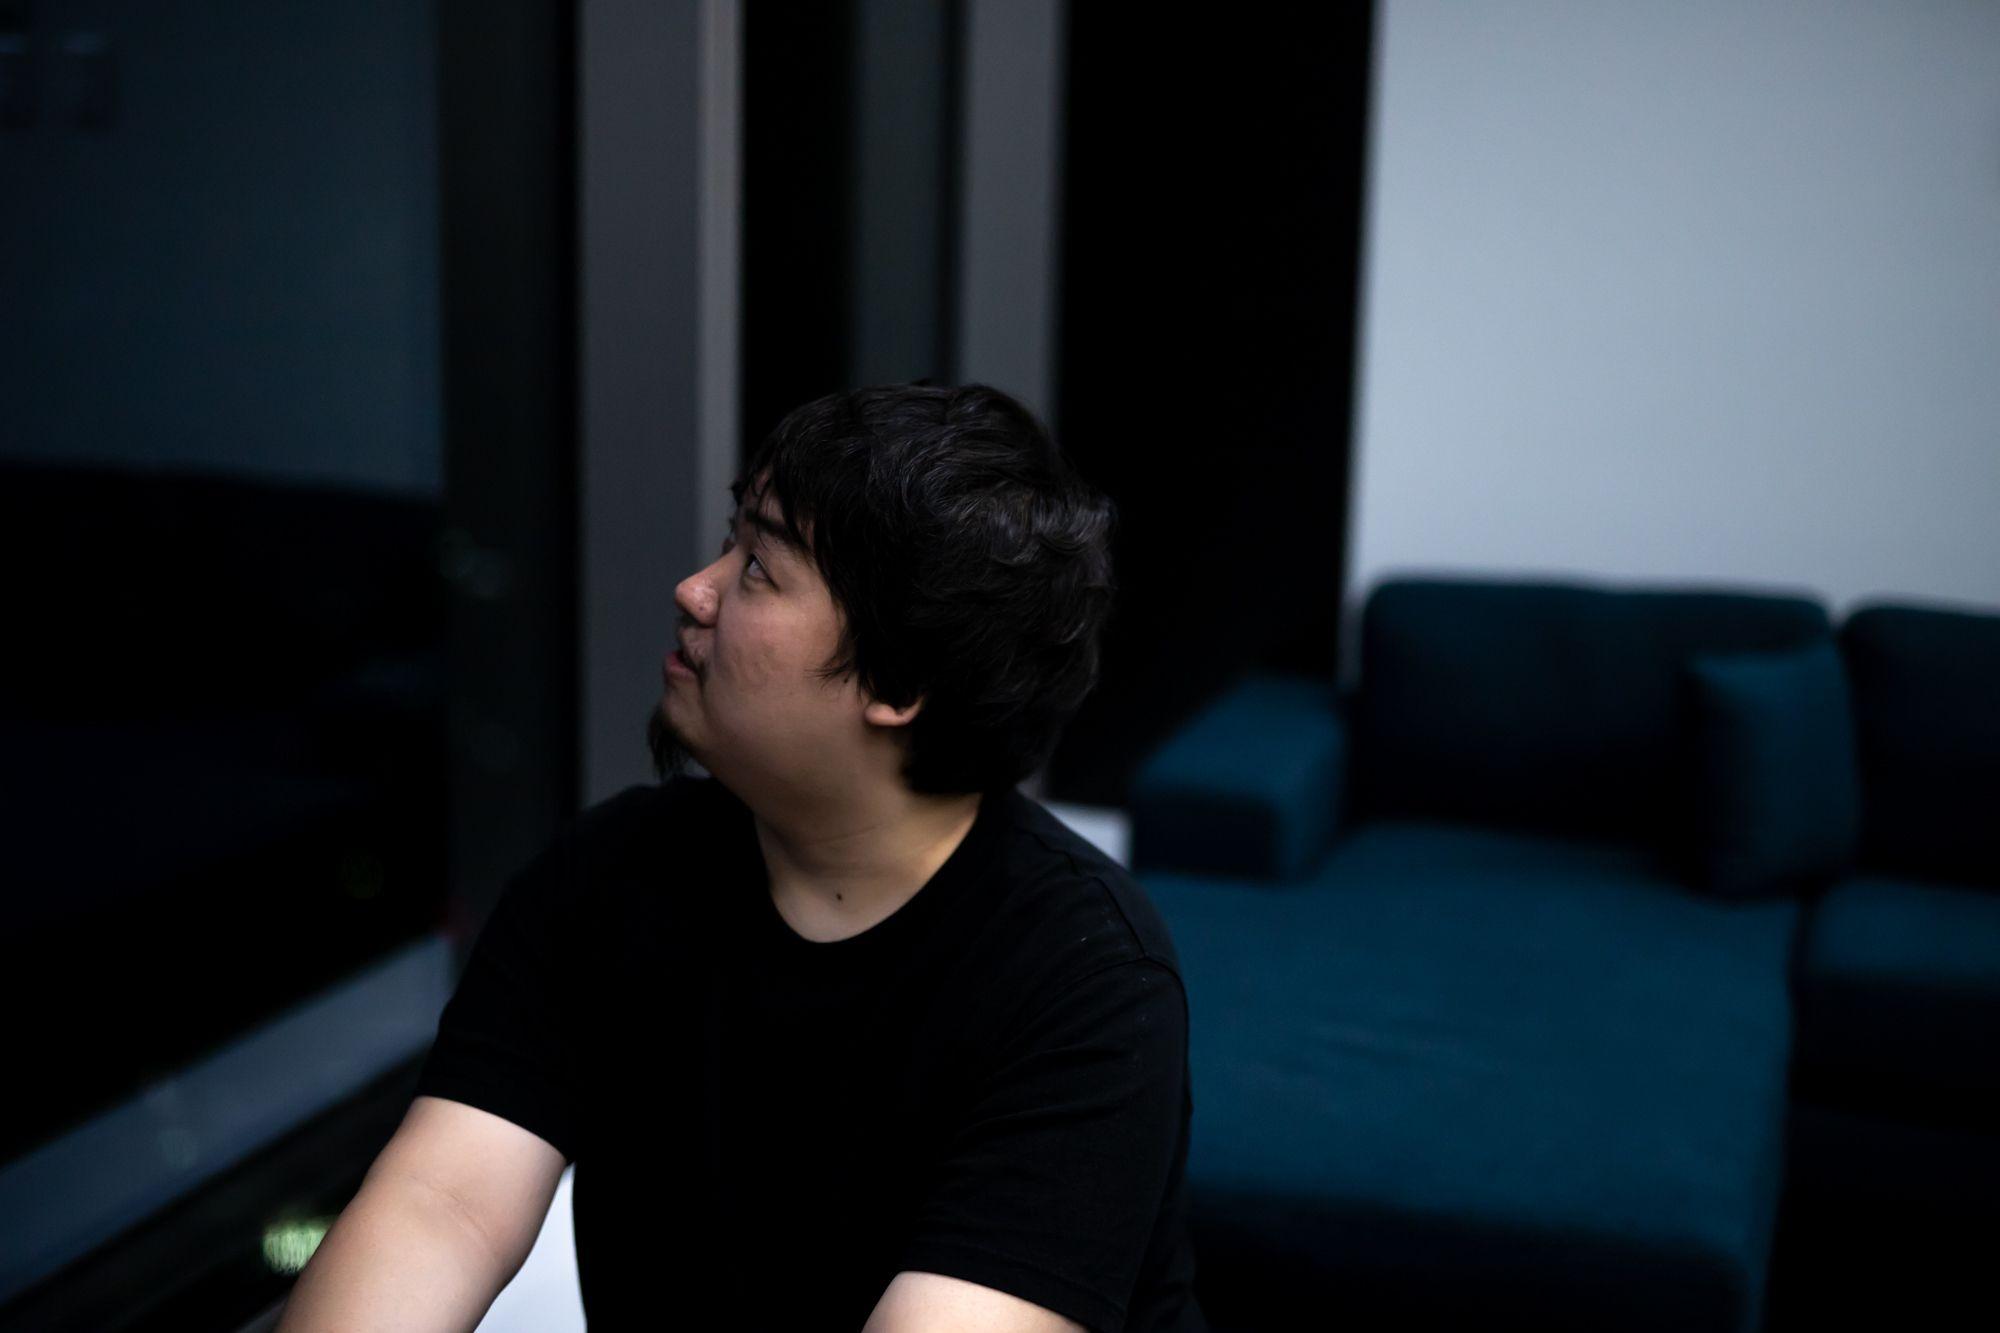 今は生産性が落ちてもいいーー『BASE』CEO 鶴岡裕太が、リモートワーク化で社内に伝えたメッセージ